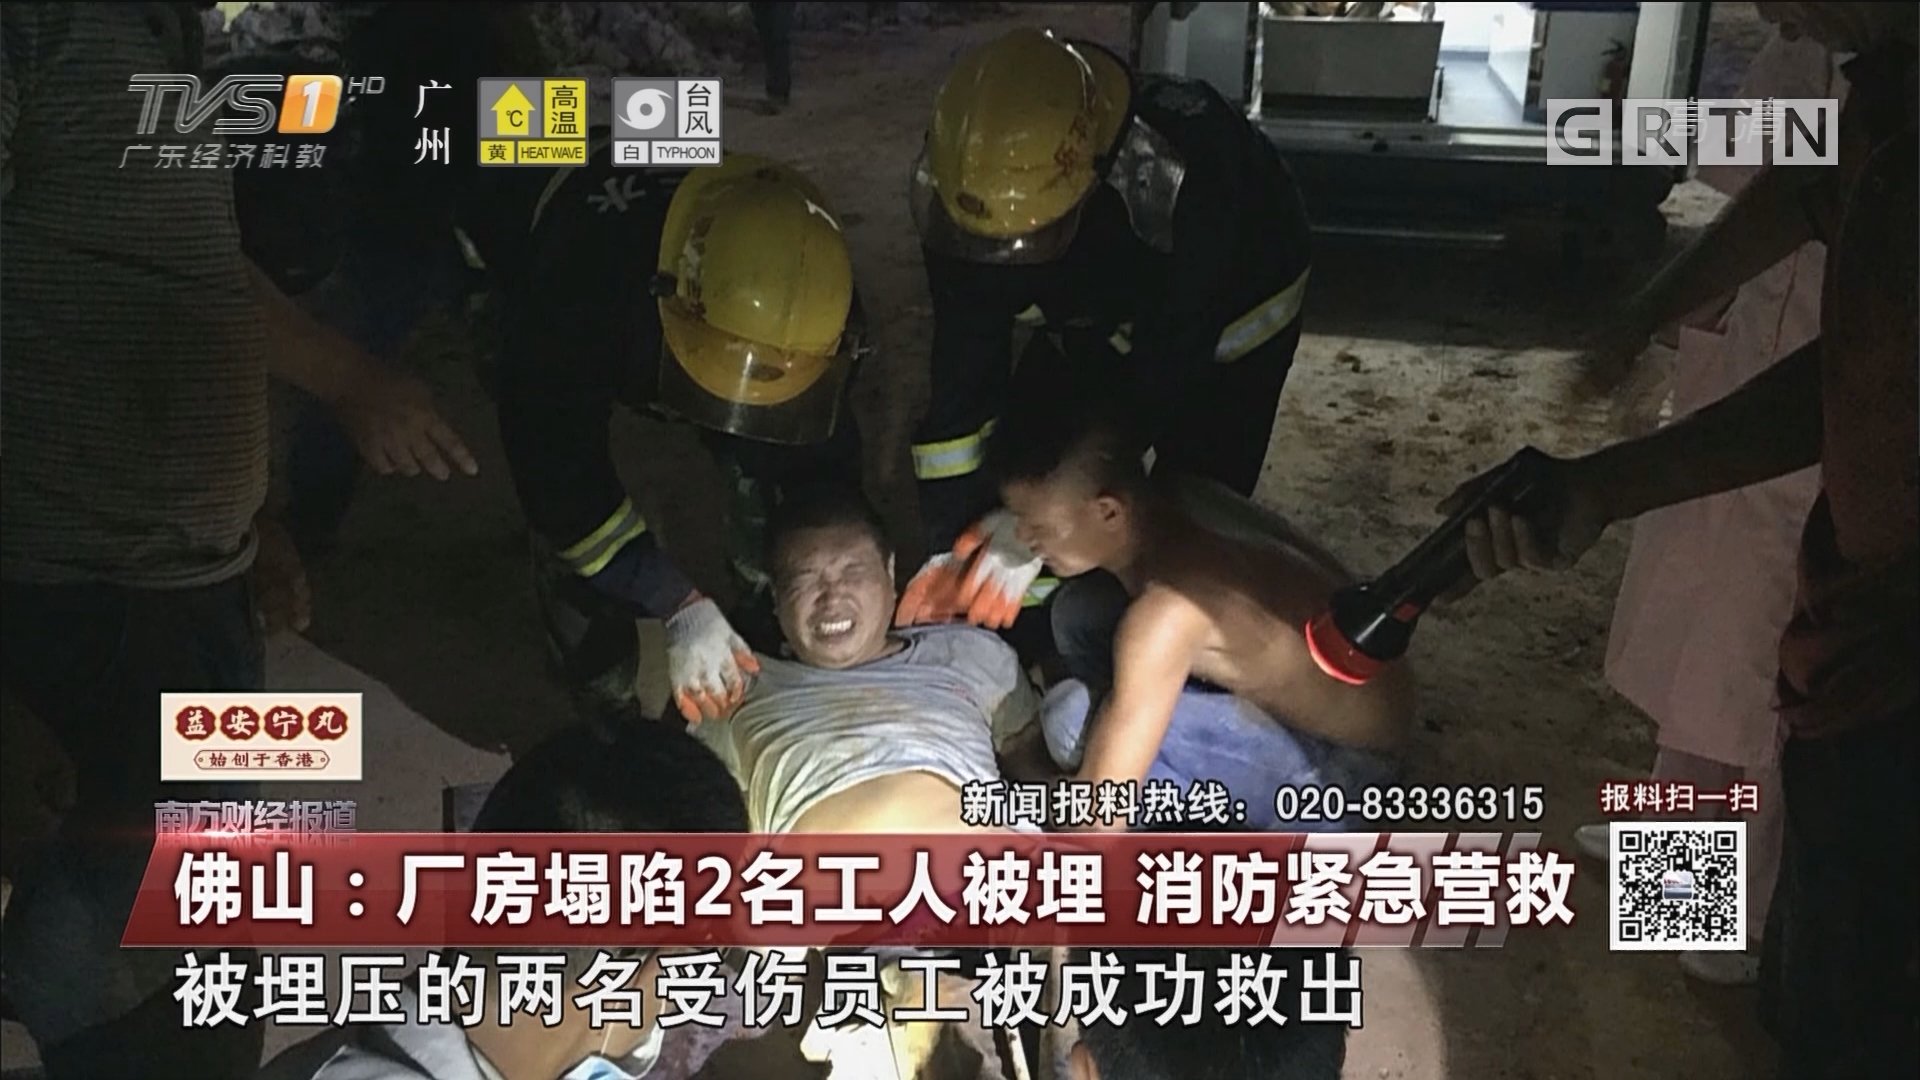 佛山:厂房塌陷2名工人被埋 消防紧急营救